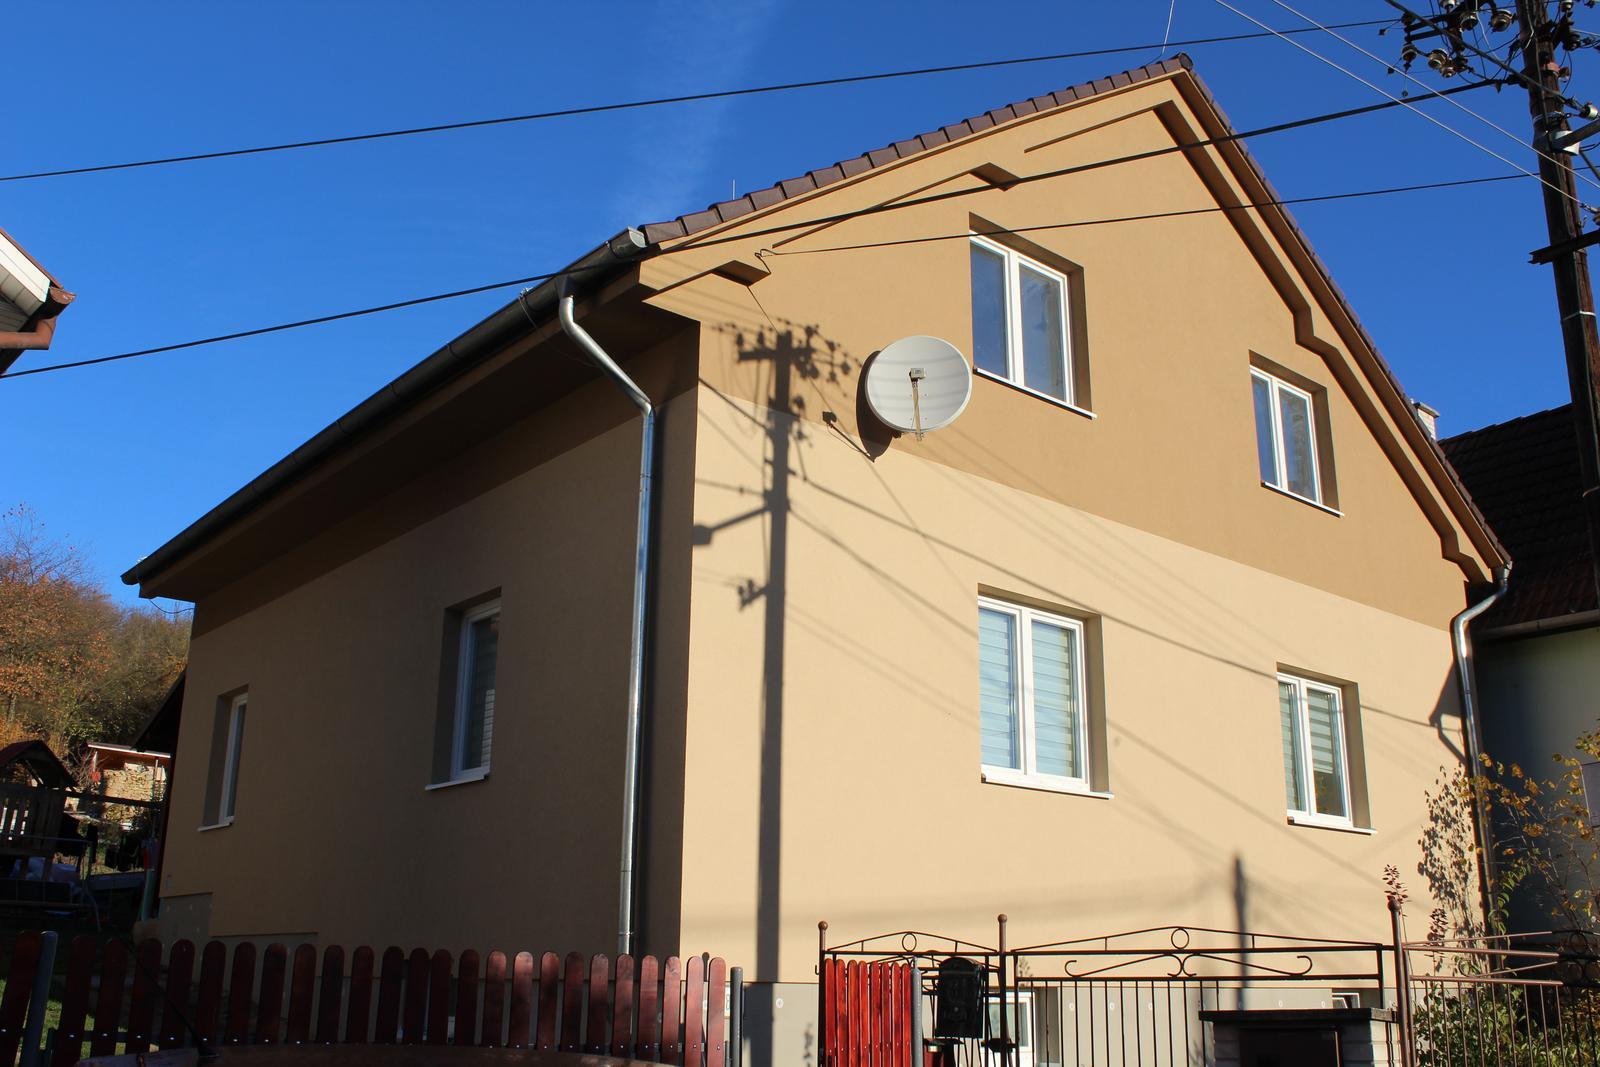 Dom rekonstrukcia - Obrázok č. 377